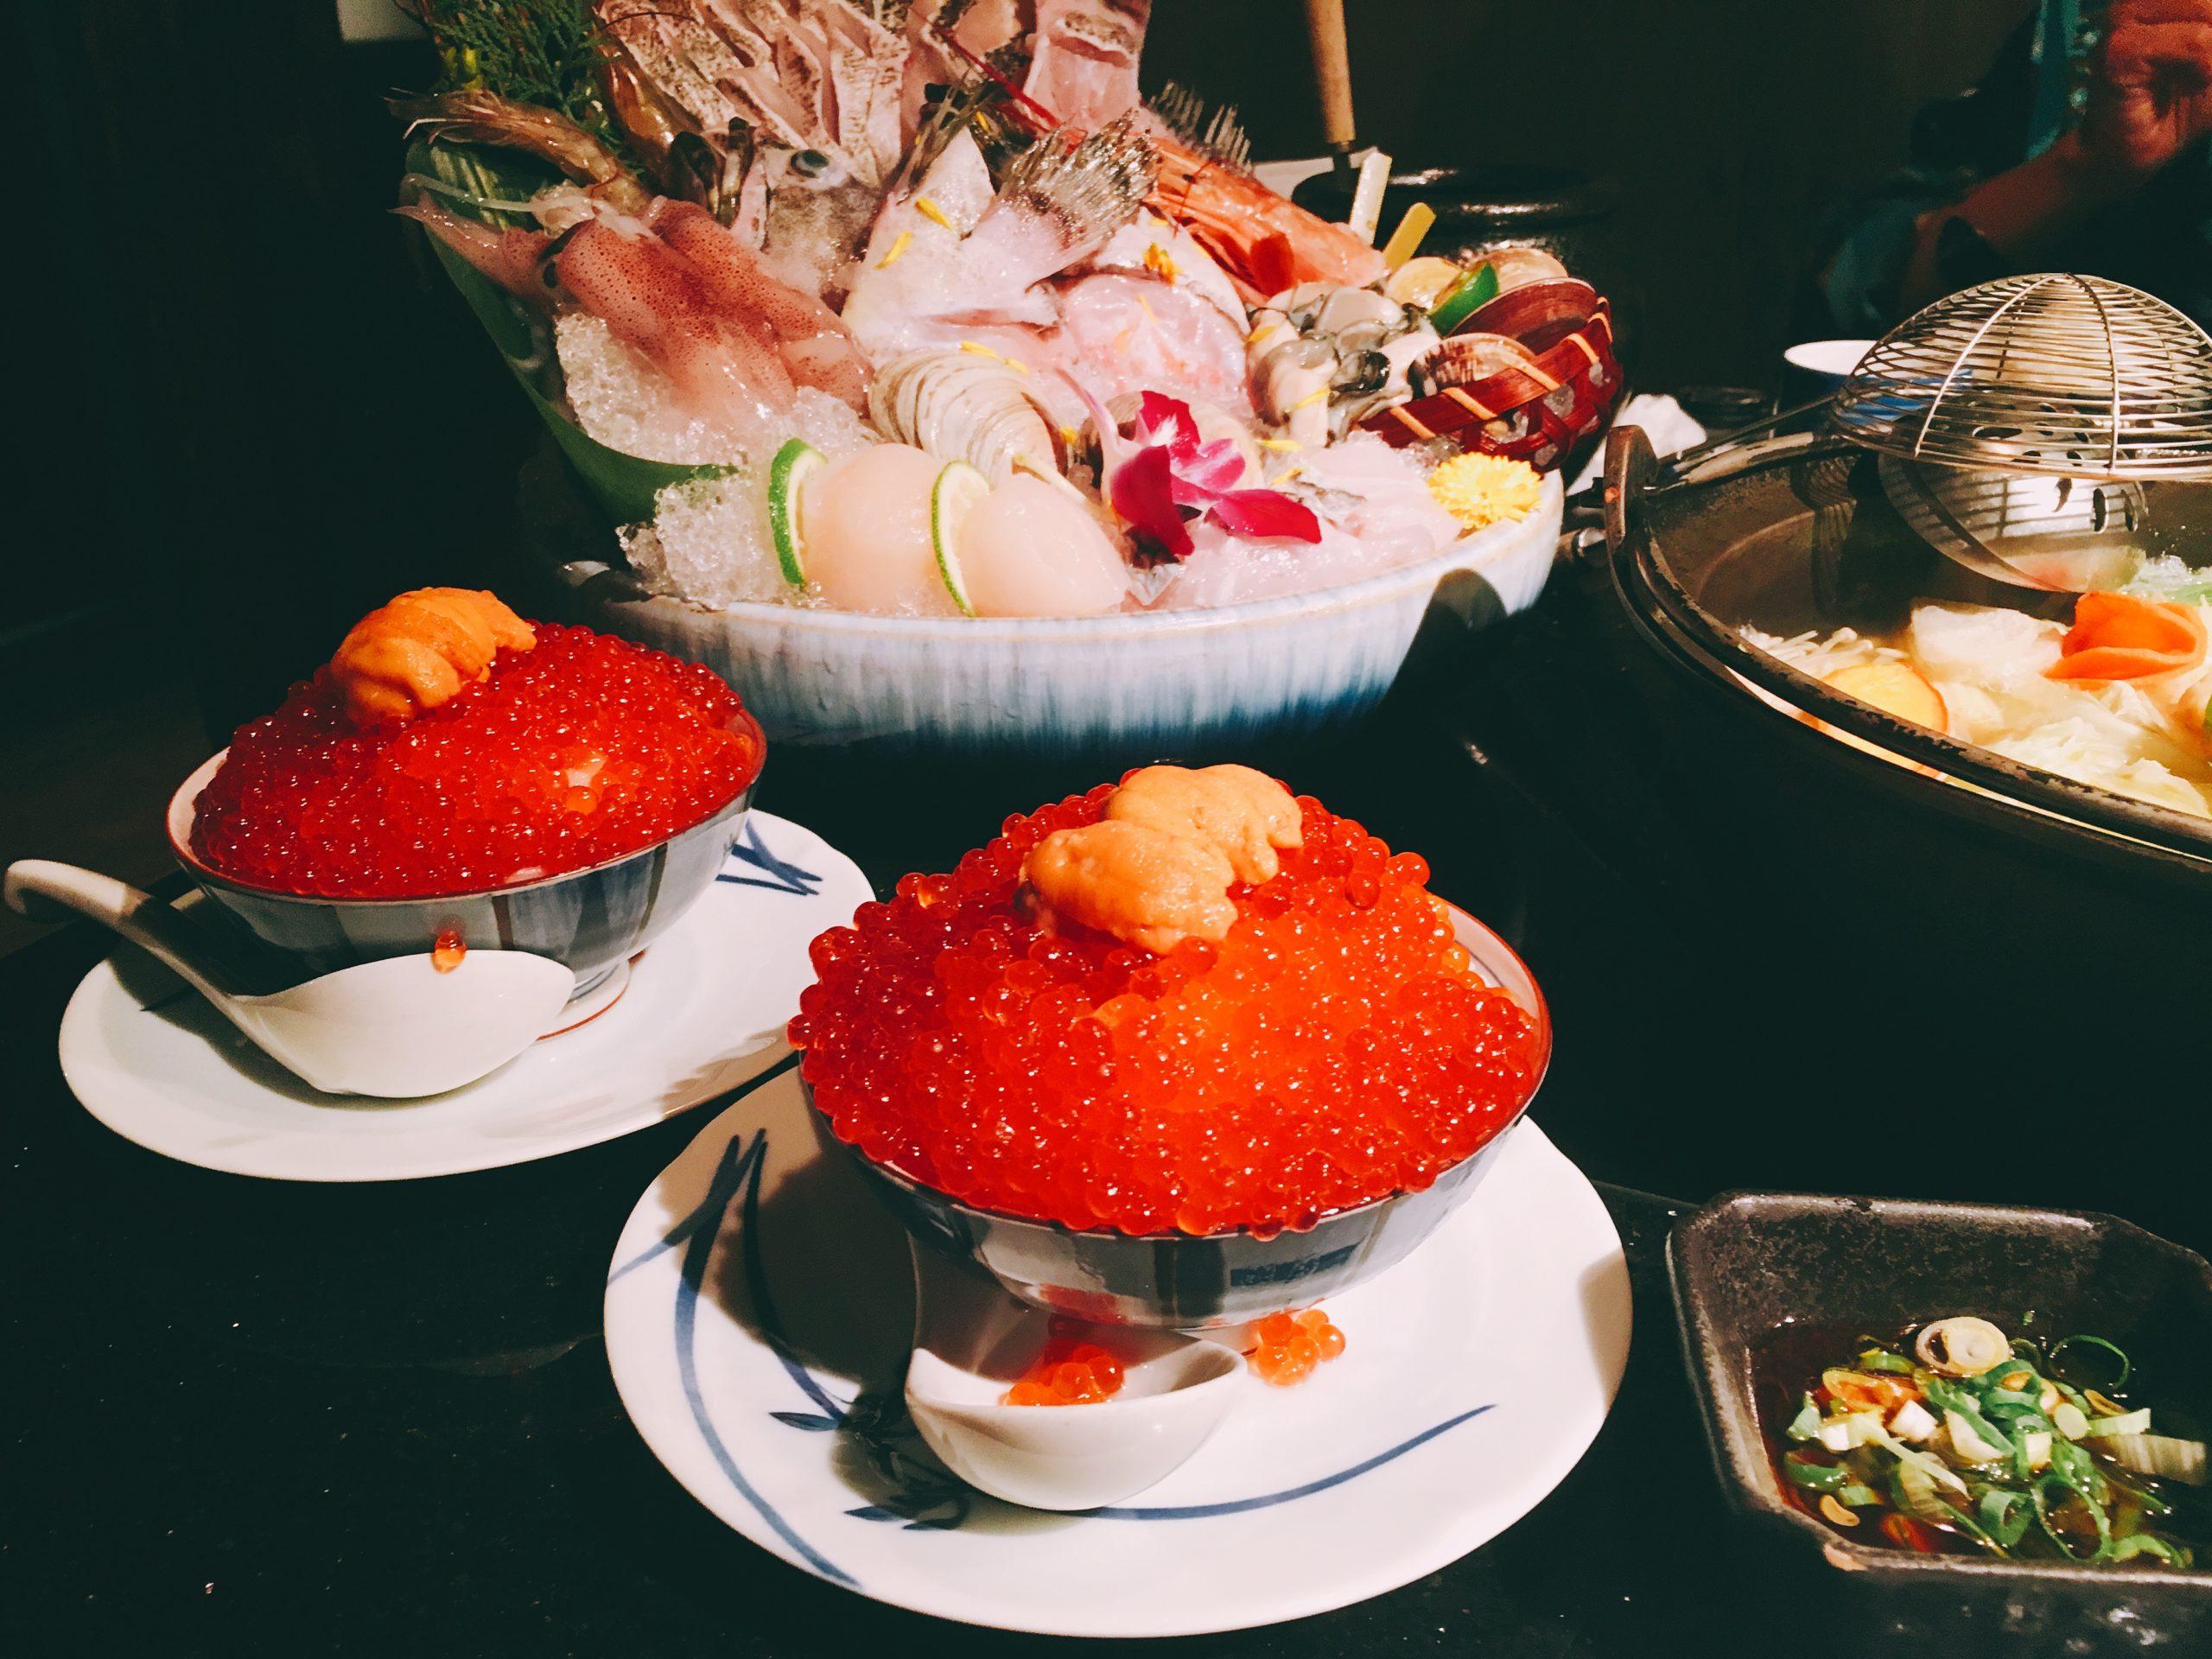 台北大安區|囍聚精緻鍋物 日式鍋物料理 鮭魚卵滿到炸出來的鮭魚卵海膽丼 精緻鍋物推薦